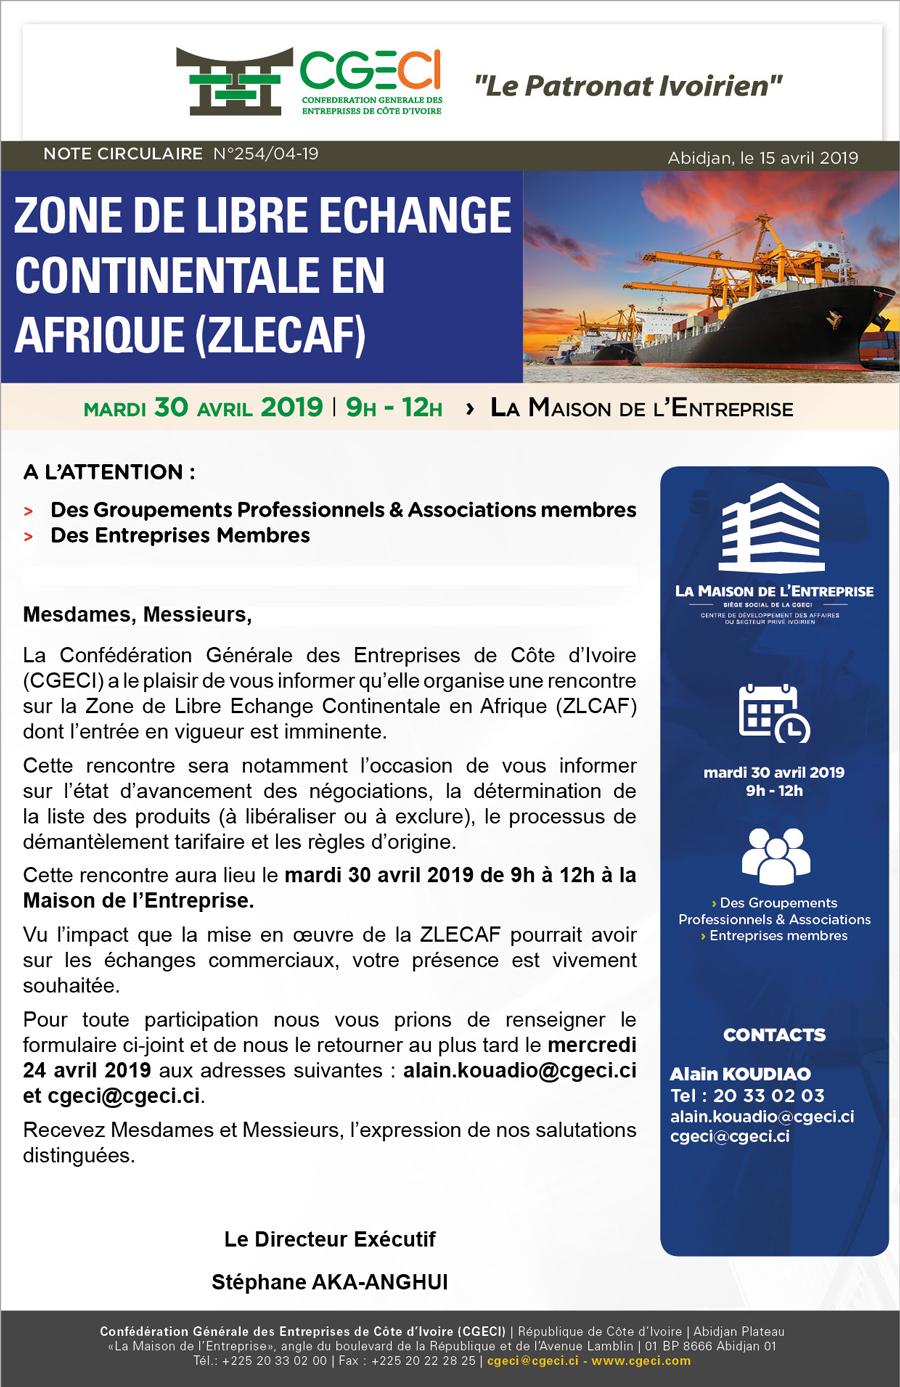 Zone de Libre Echange Continentale en Afrique (ZLECAF)